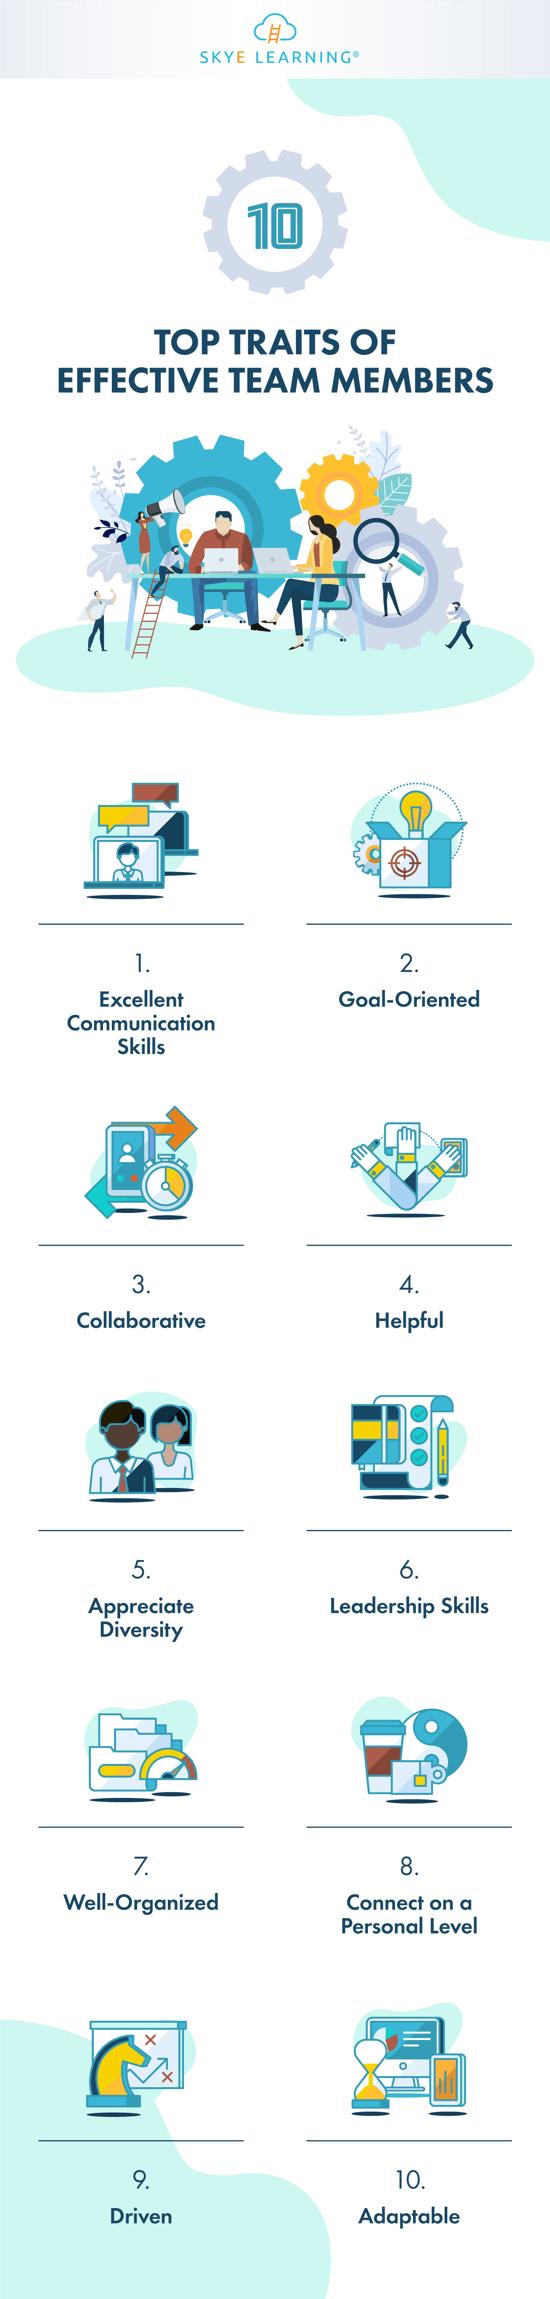 ten_top_traits_of_effective_team_members_infographic_SL